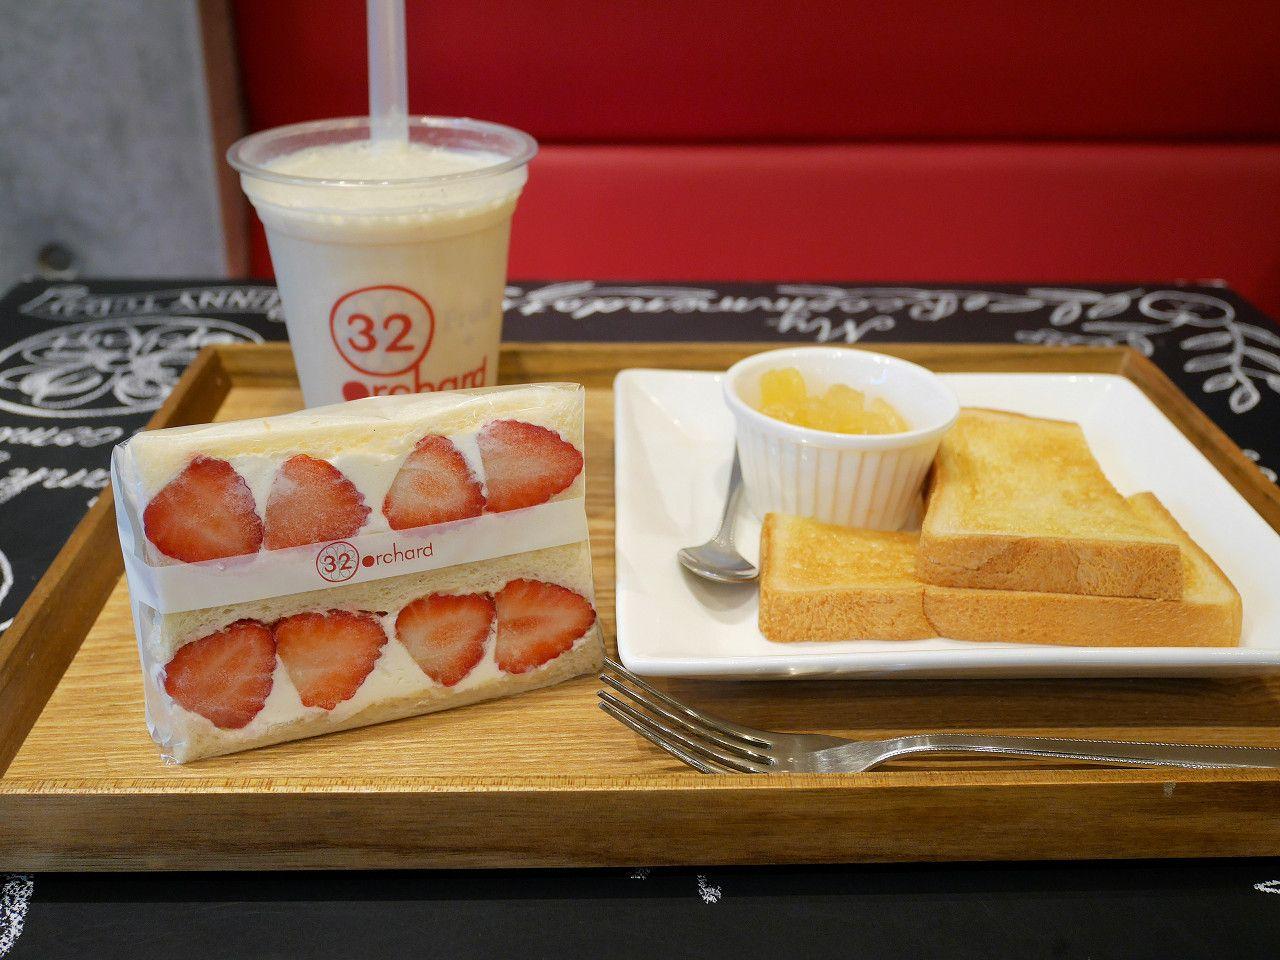 名古屋モーニングでフルーツサンドを!ささしまライブ駅「フルーツカフェ32orchard」